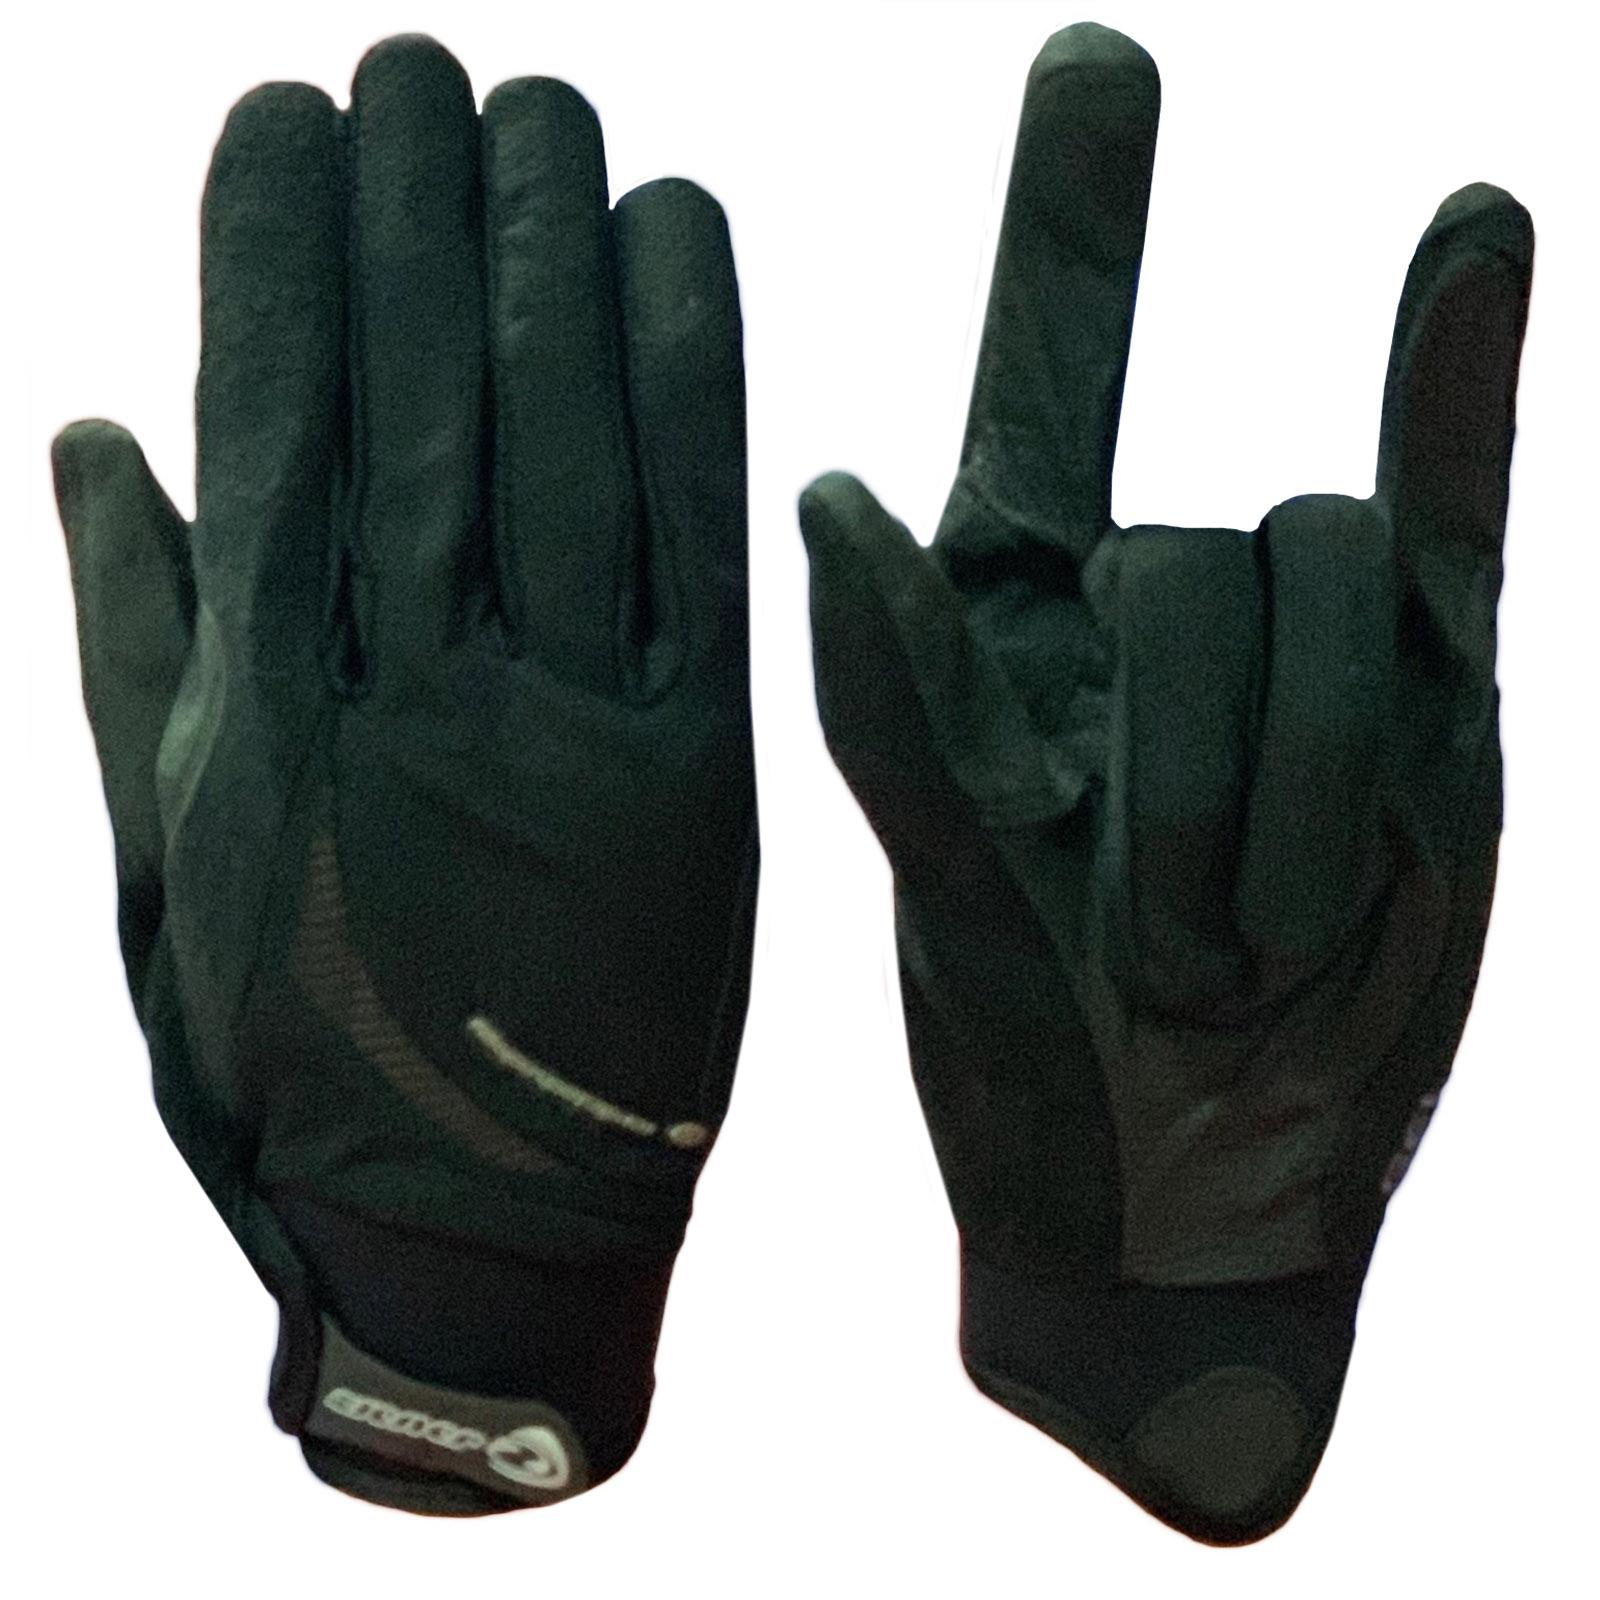 Удобные чопперские перчатки от крутого бренда Ziener